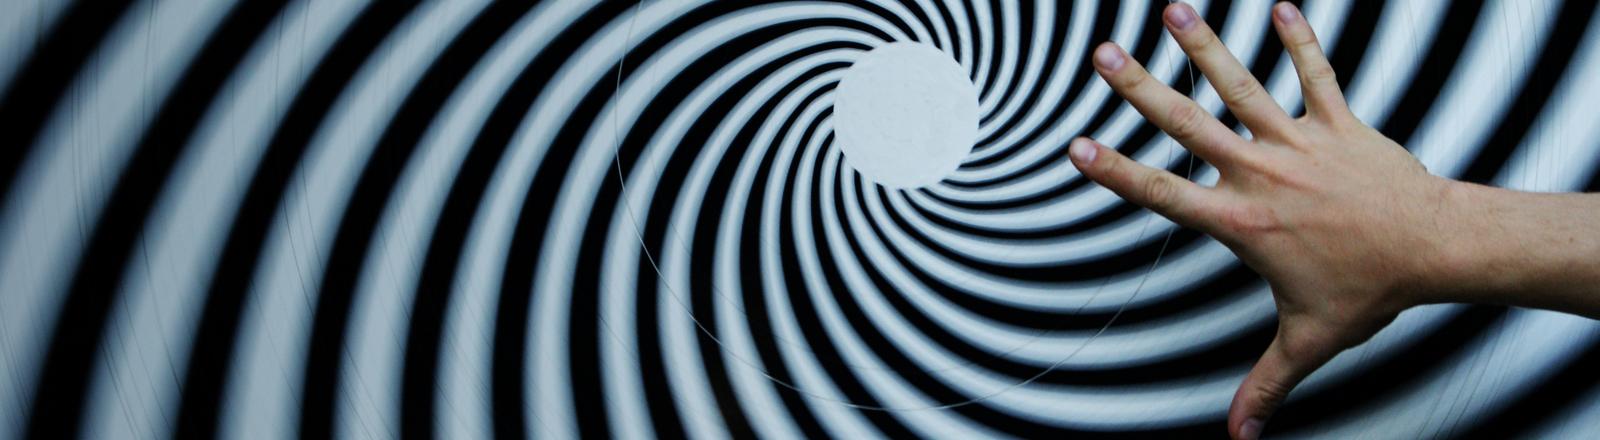 Eine Hand über einer Hypnose-Spirale